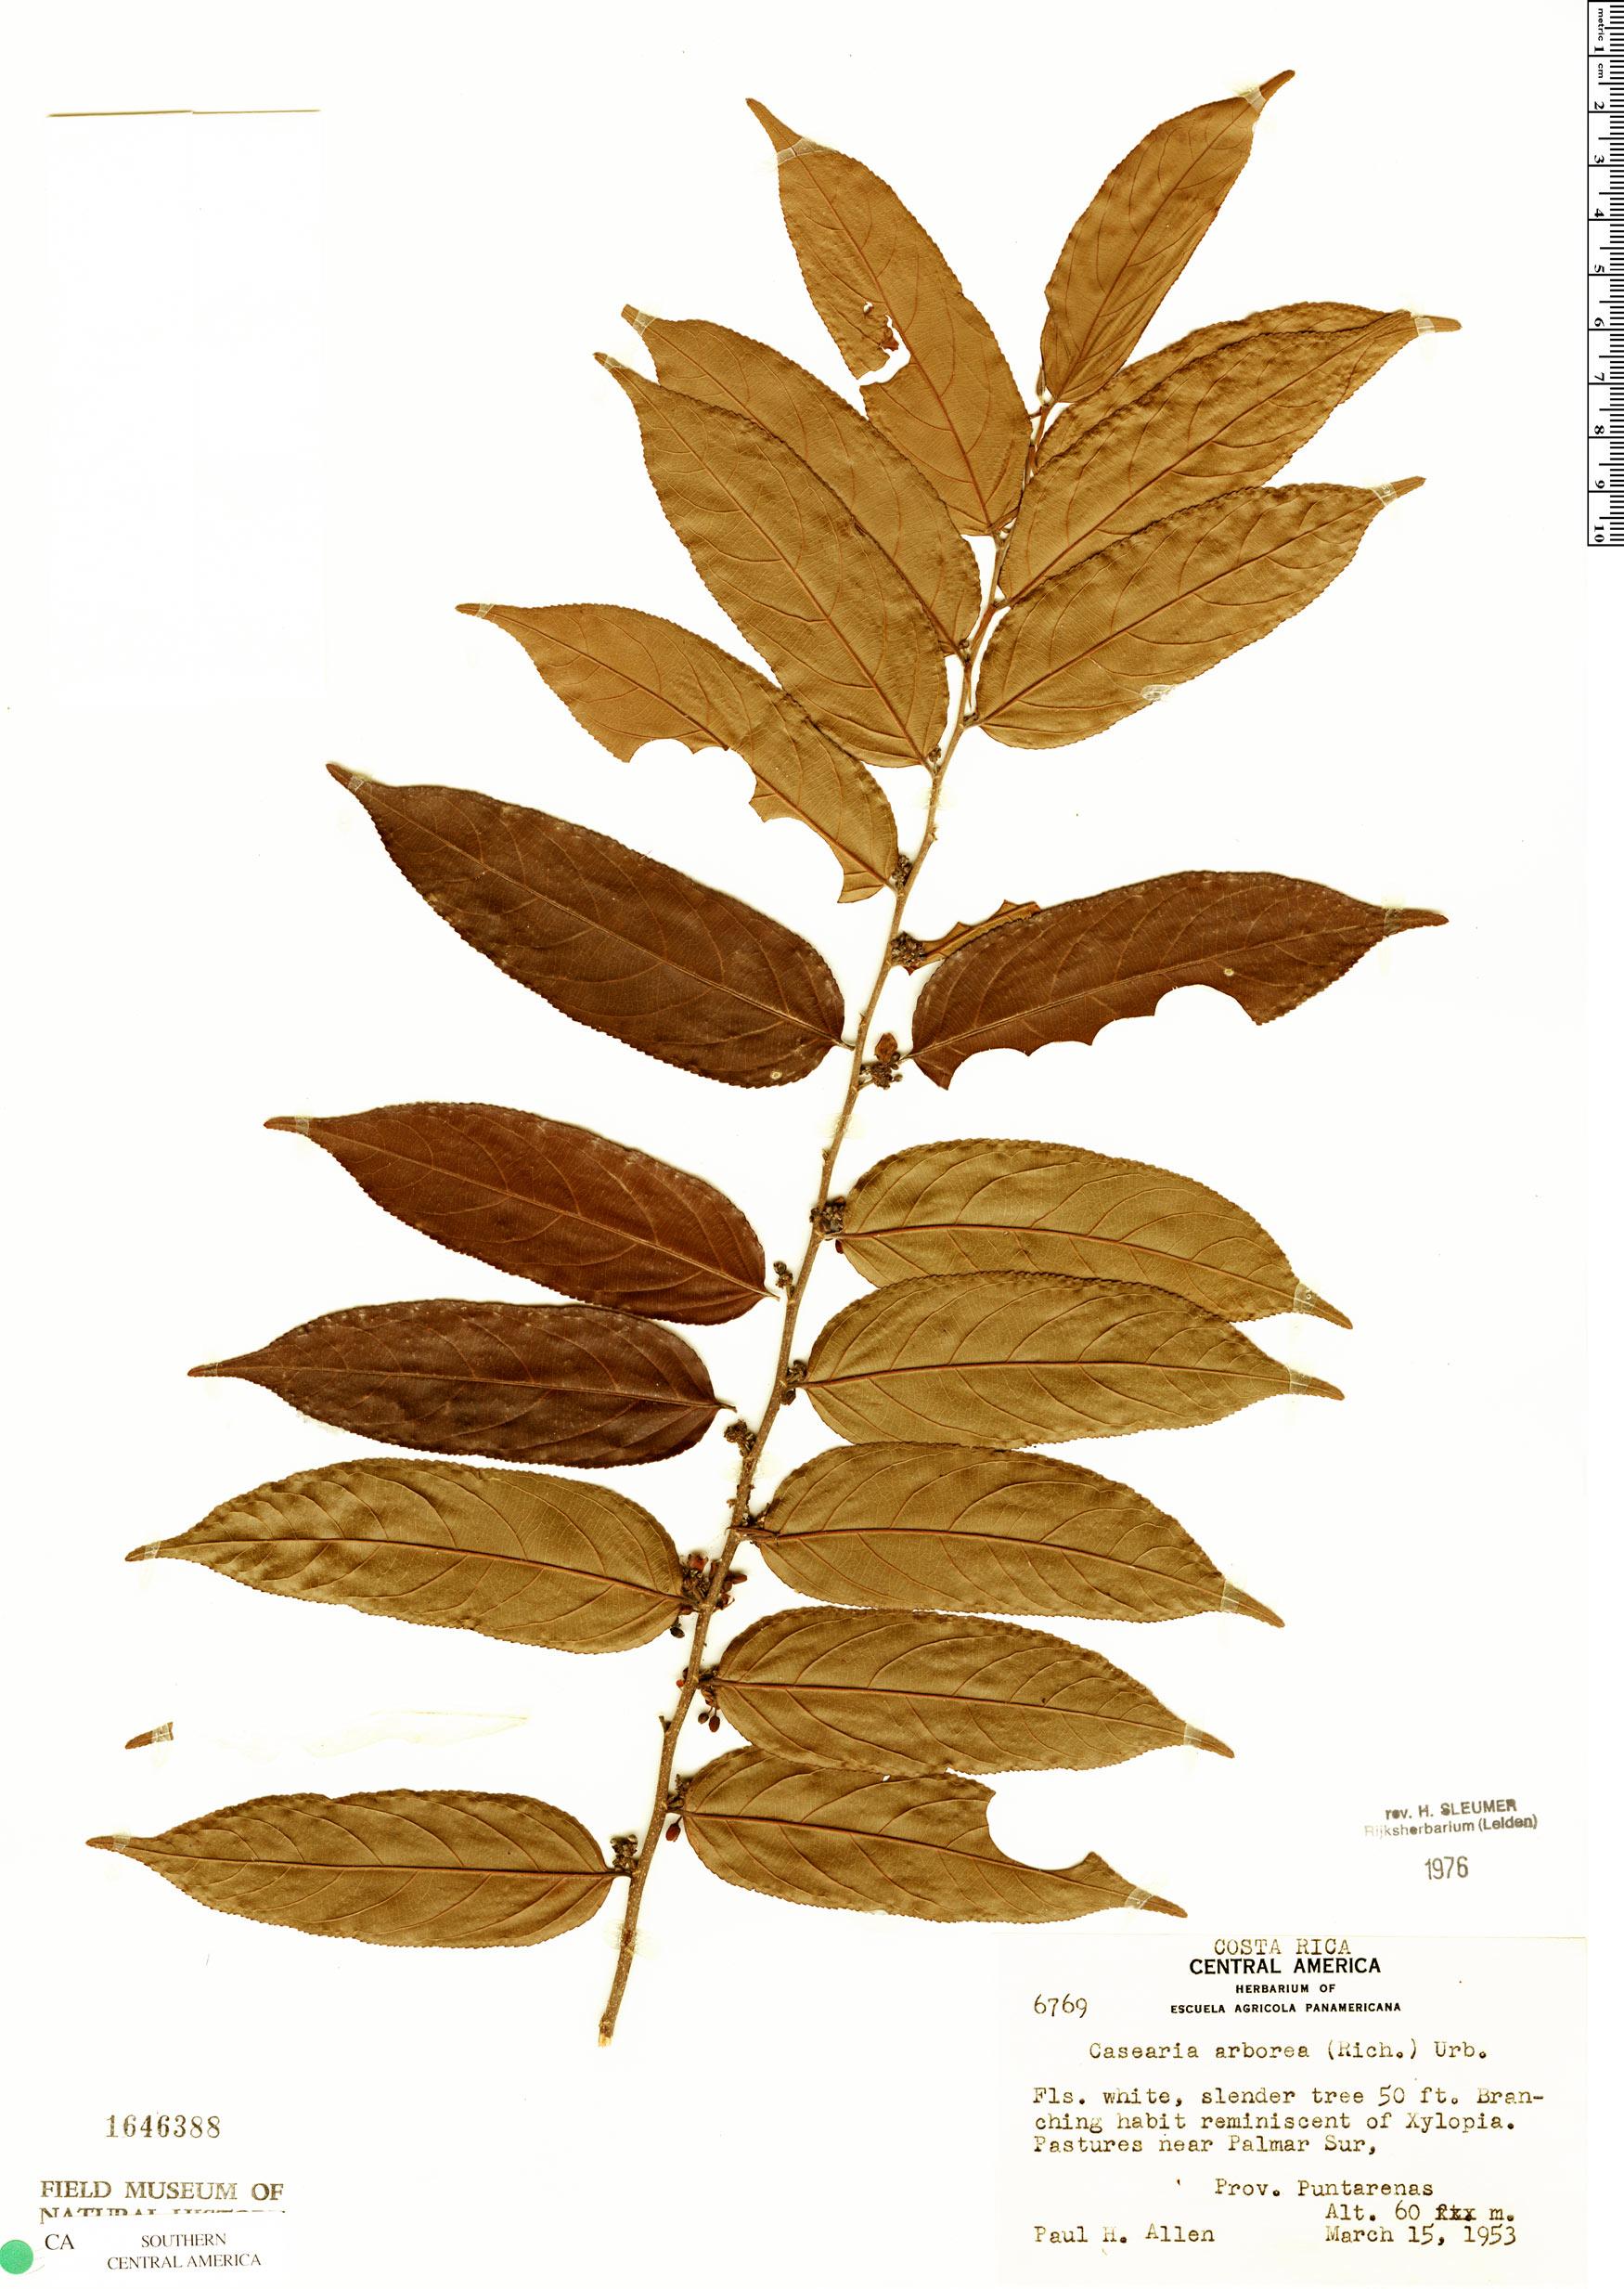 Specimen: Casearia arborea